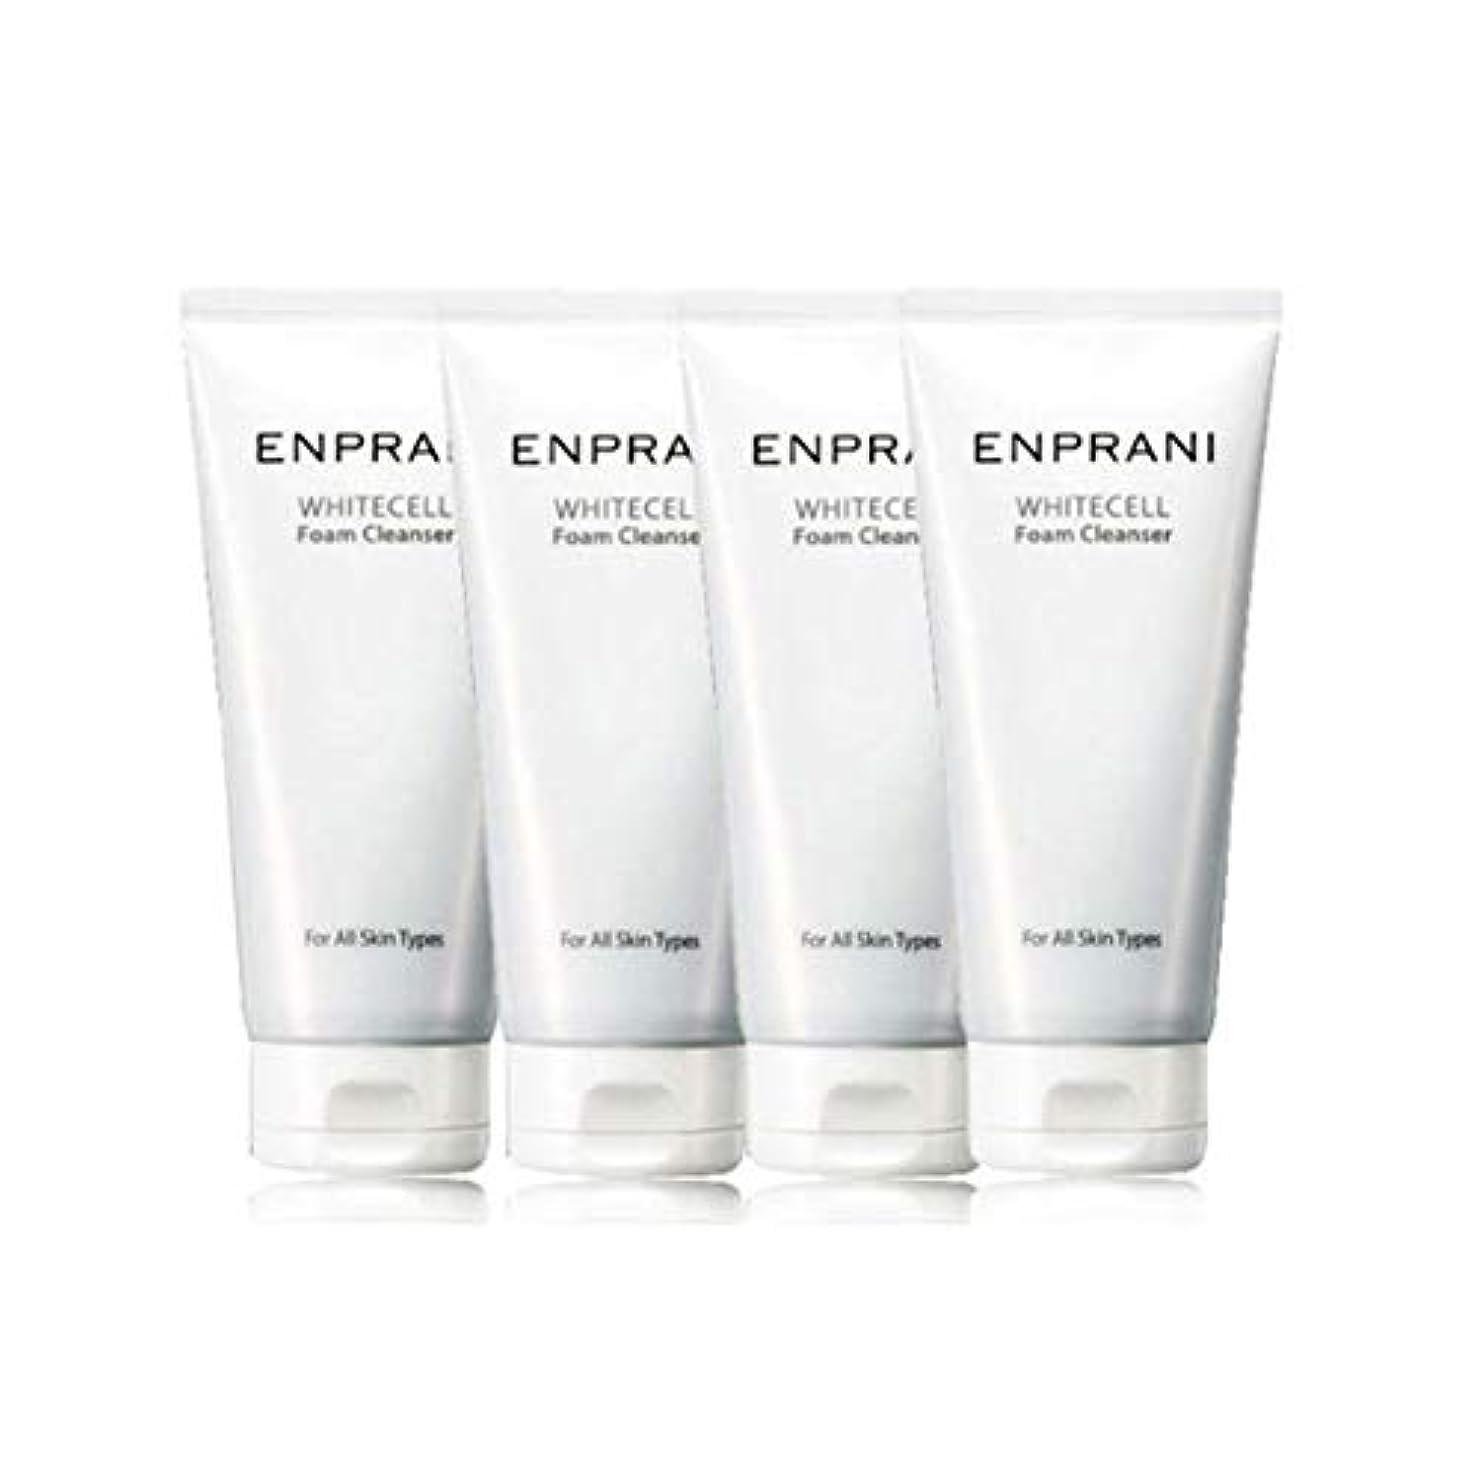 バストおんどりだらしないエンプラニホワイトセル、フォームクレンザー100mlx 4本セット毛穴洗浄 皮膚管理、Enprani White Cell Foam Cleanser 100mlx 4ea Set Pore Cleaning Skin...